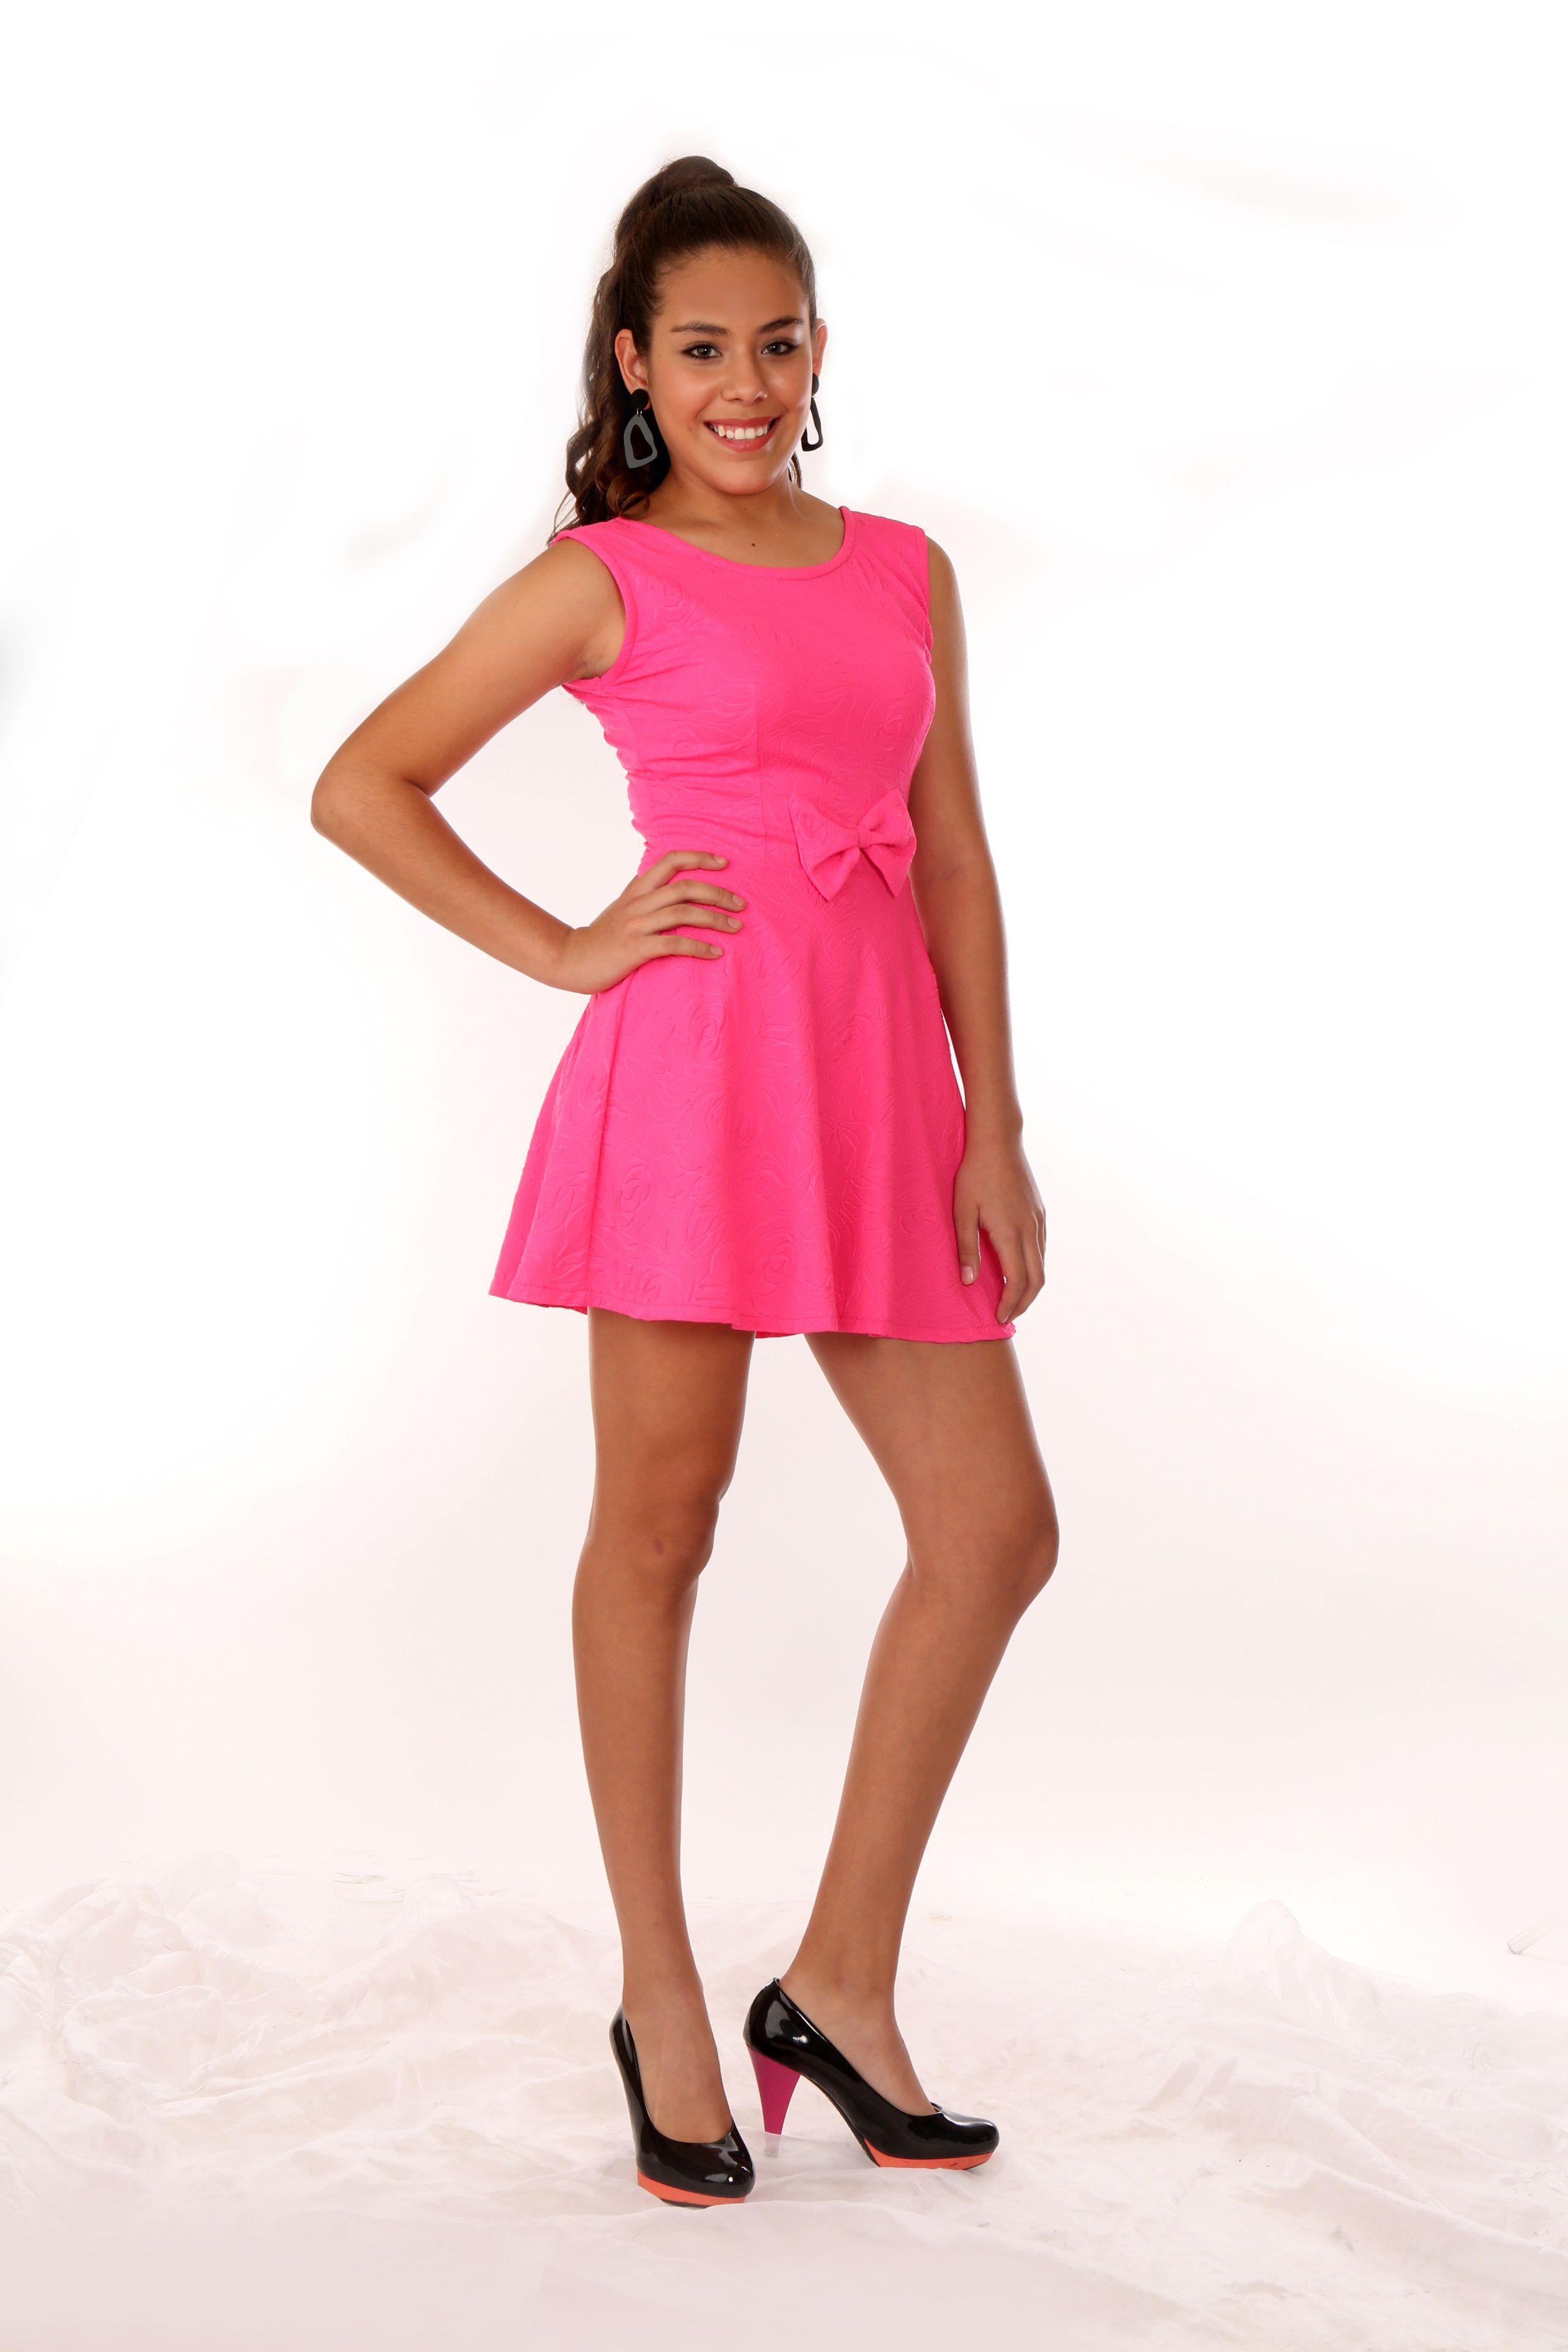 Vestido en Licra Techno Estampada. Disponible en diversos colores. Disponible en tallas XS, S, M, L y XL.